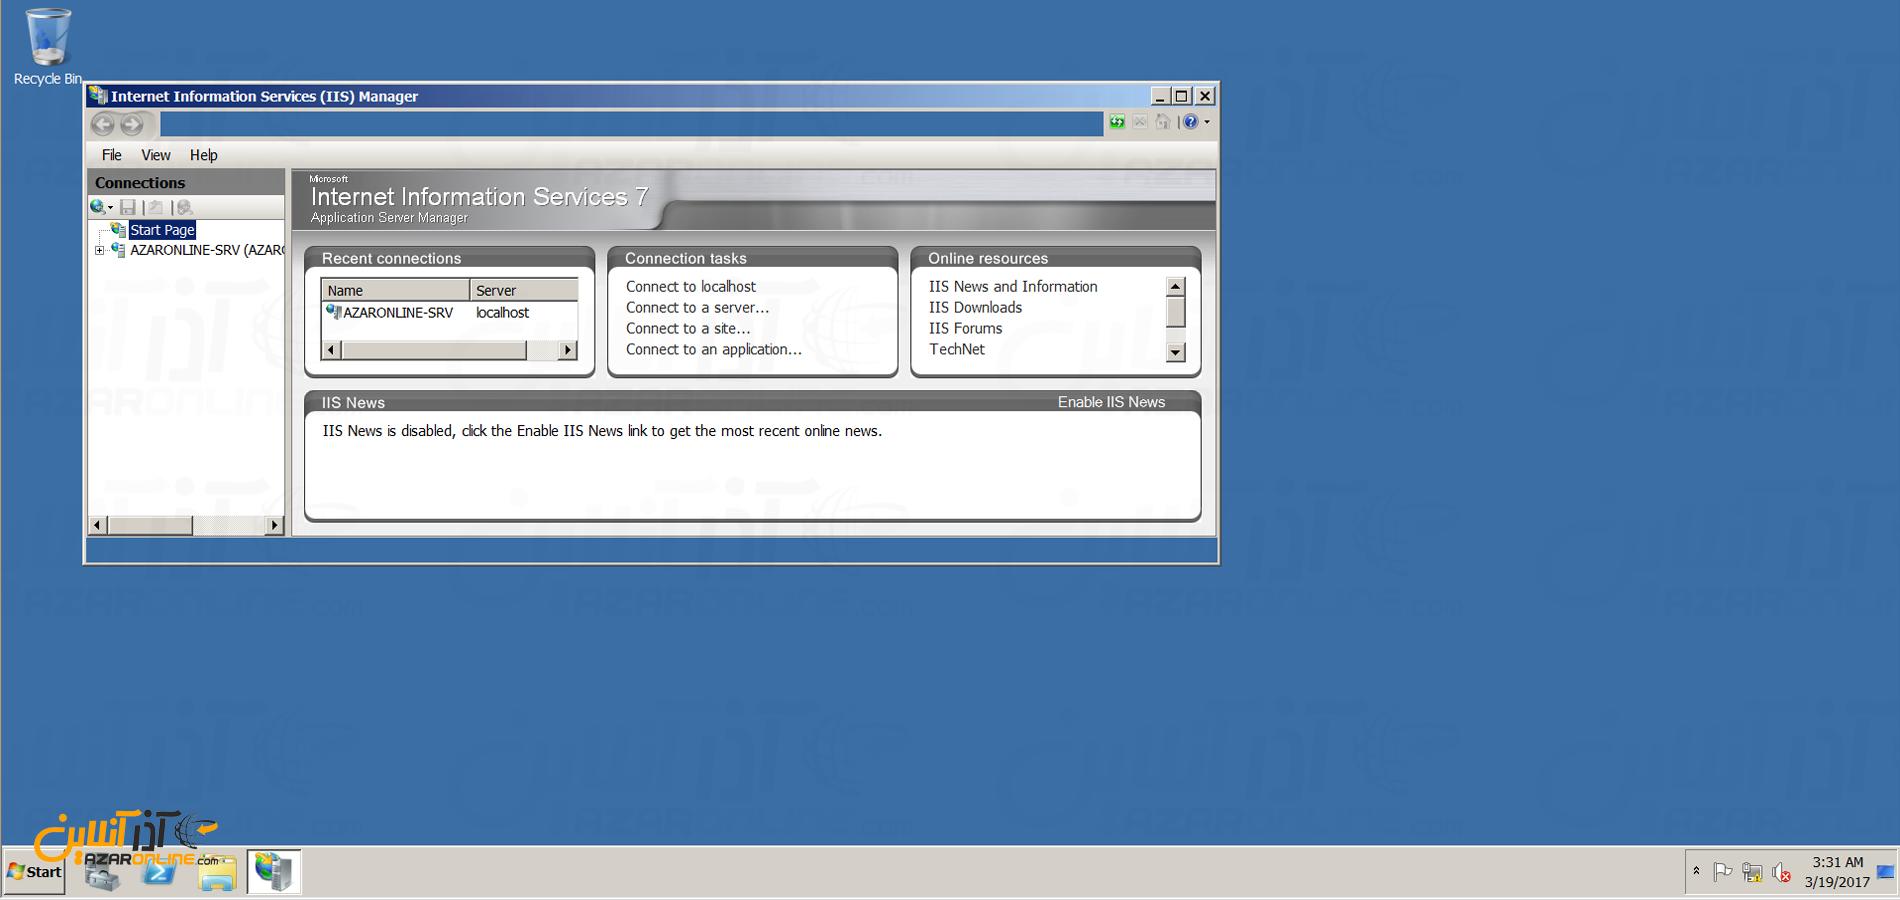 آموزش نصب iis در ویندوز 2008 - نمایی از IIS Manager